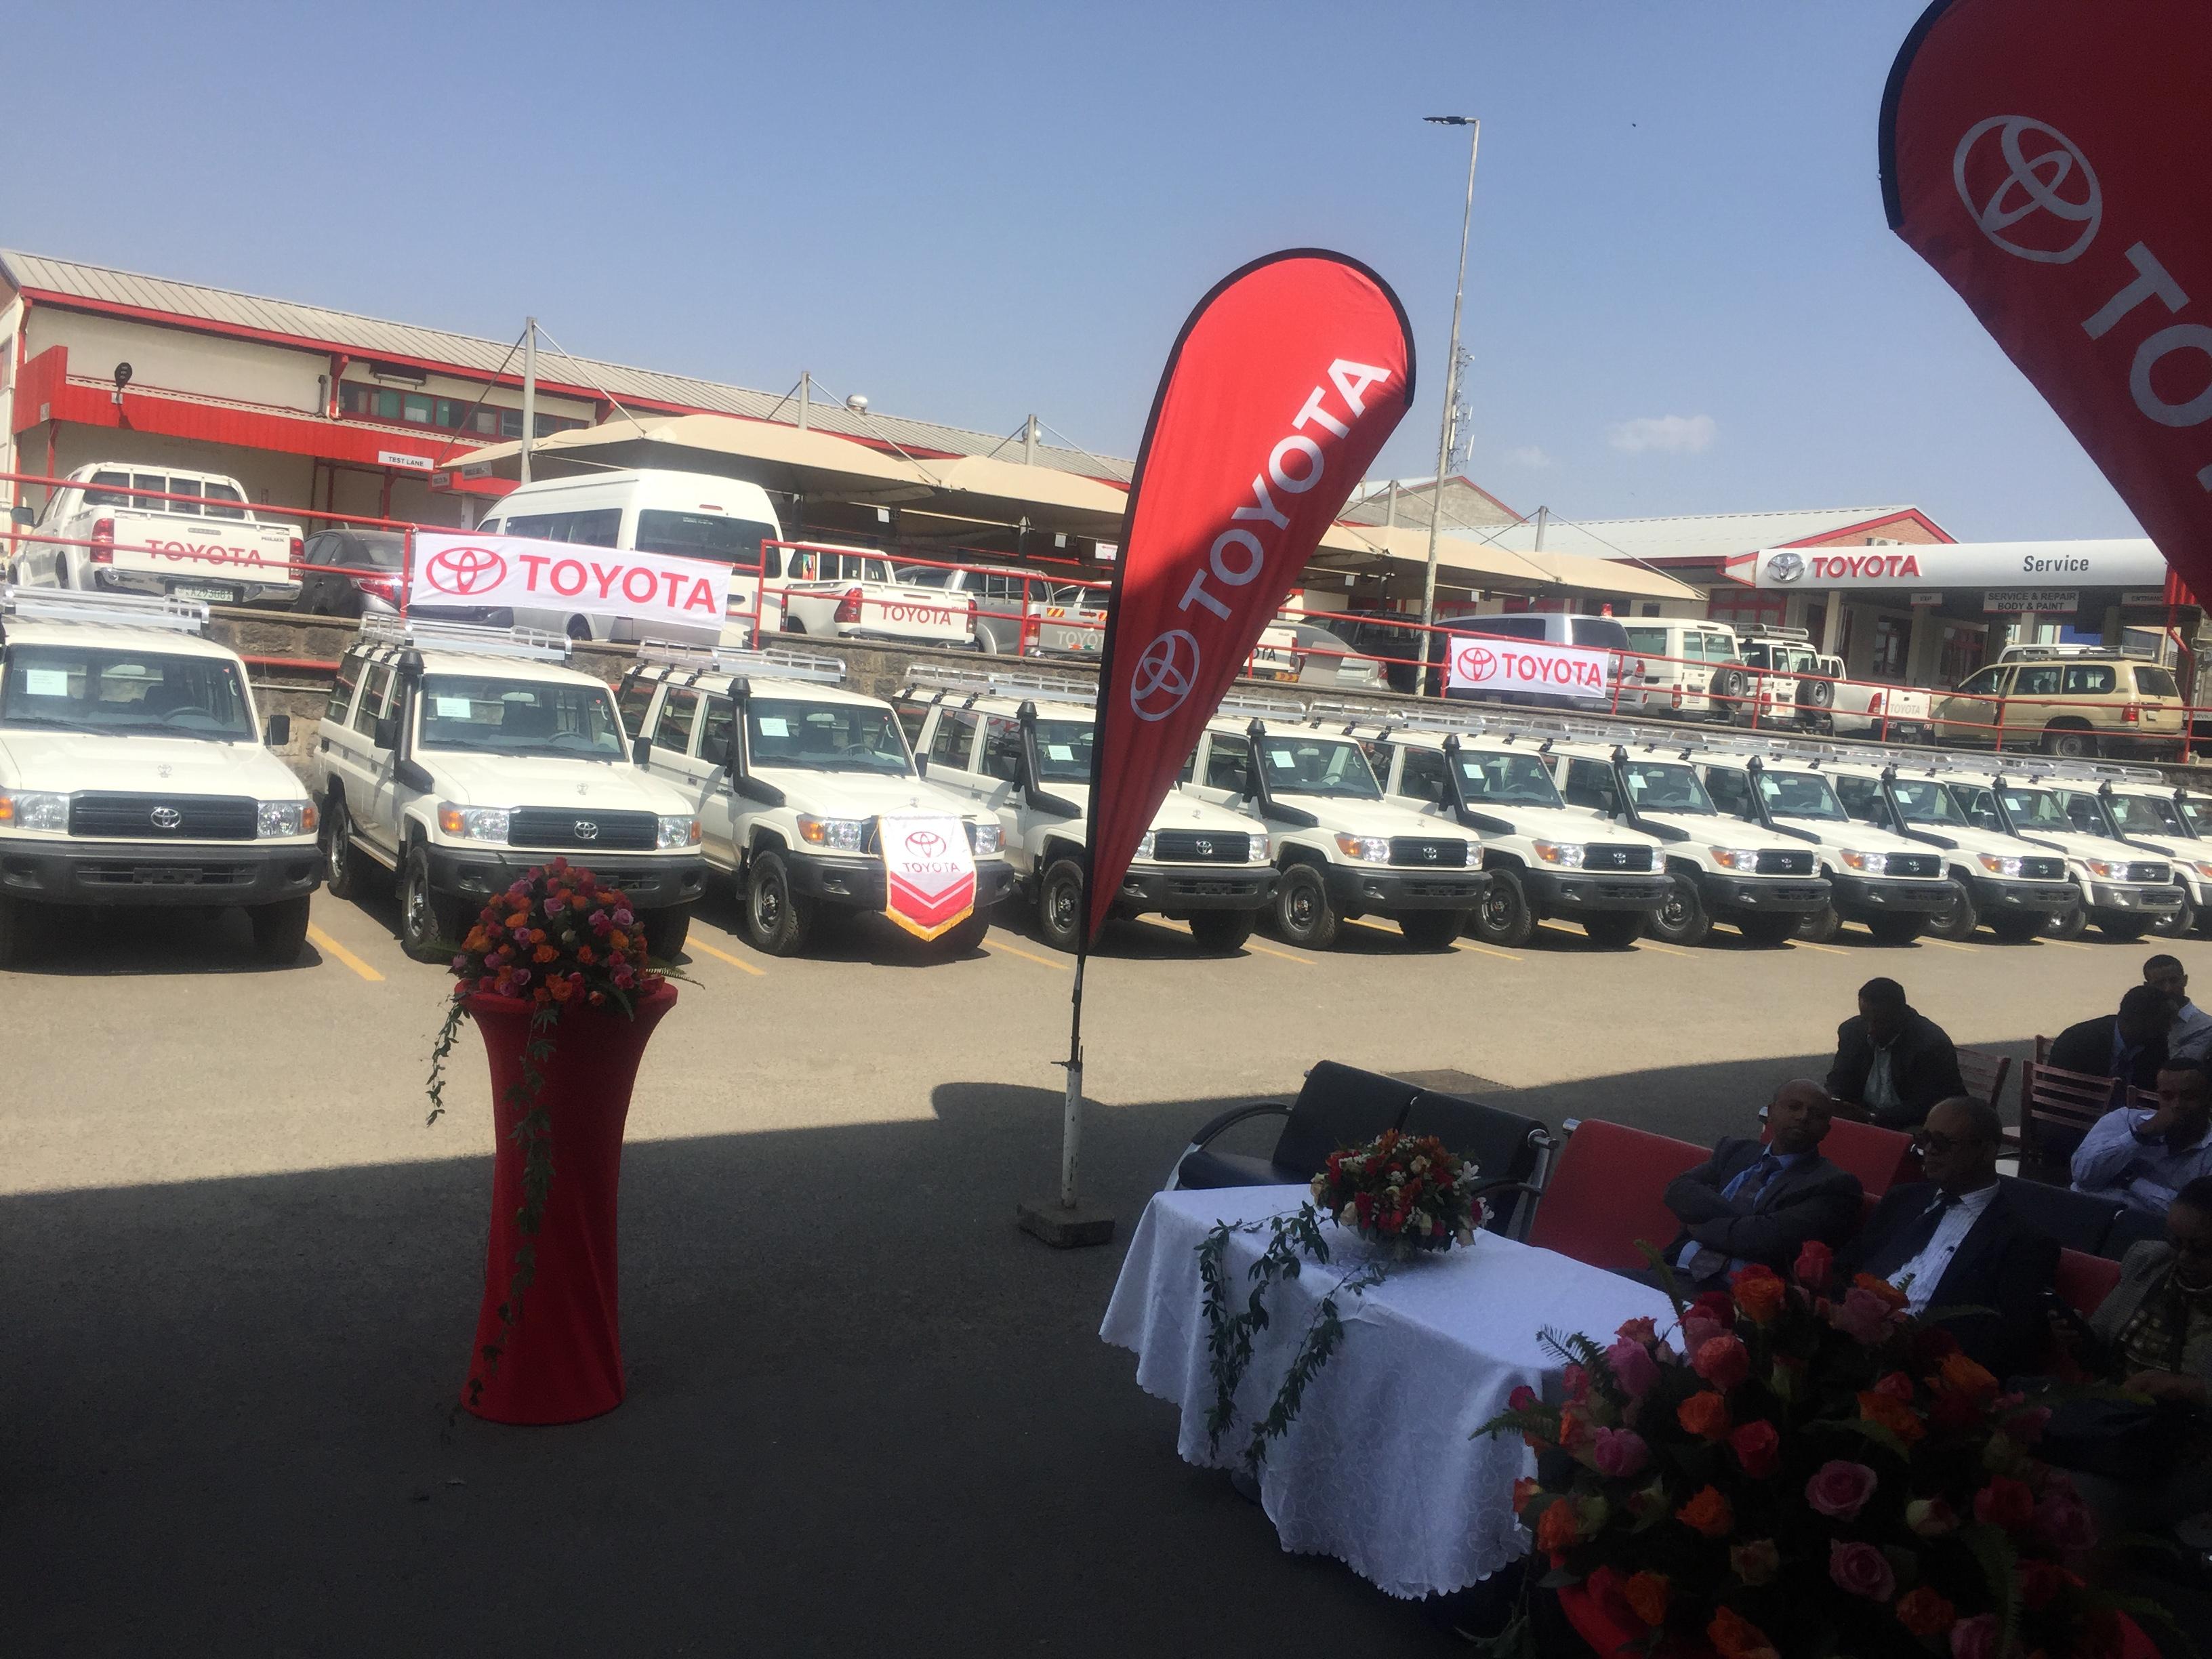 News & Event - Moenco Vehicles